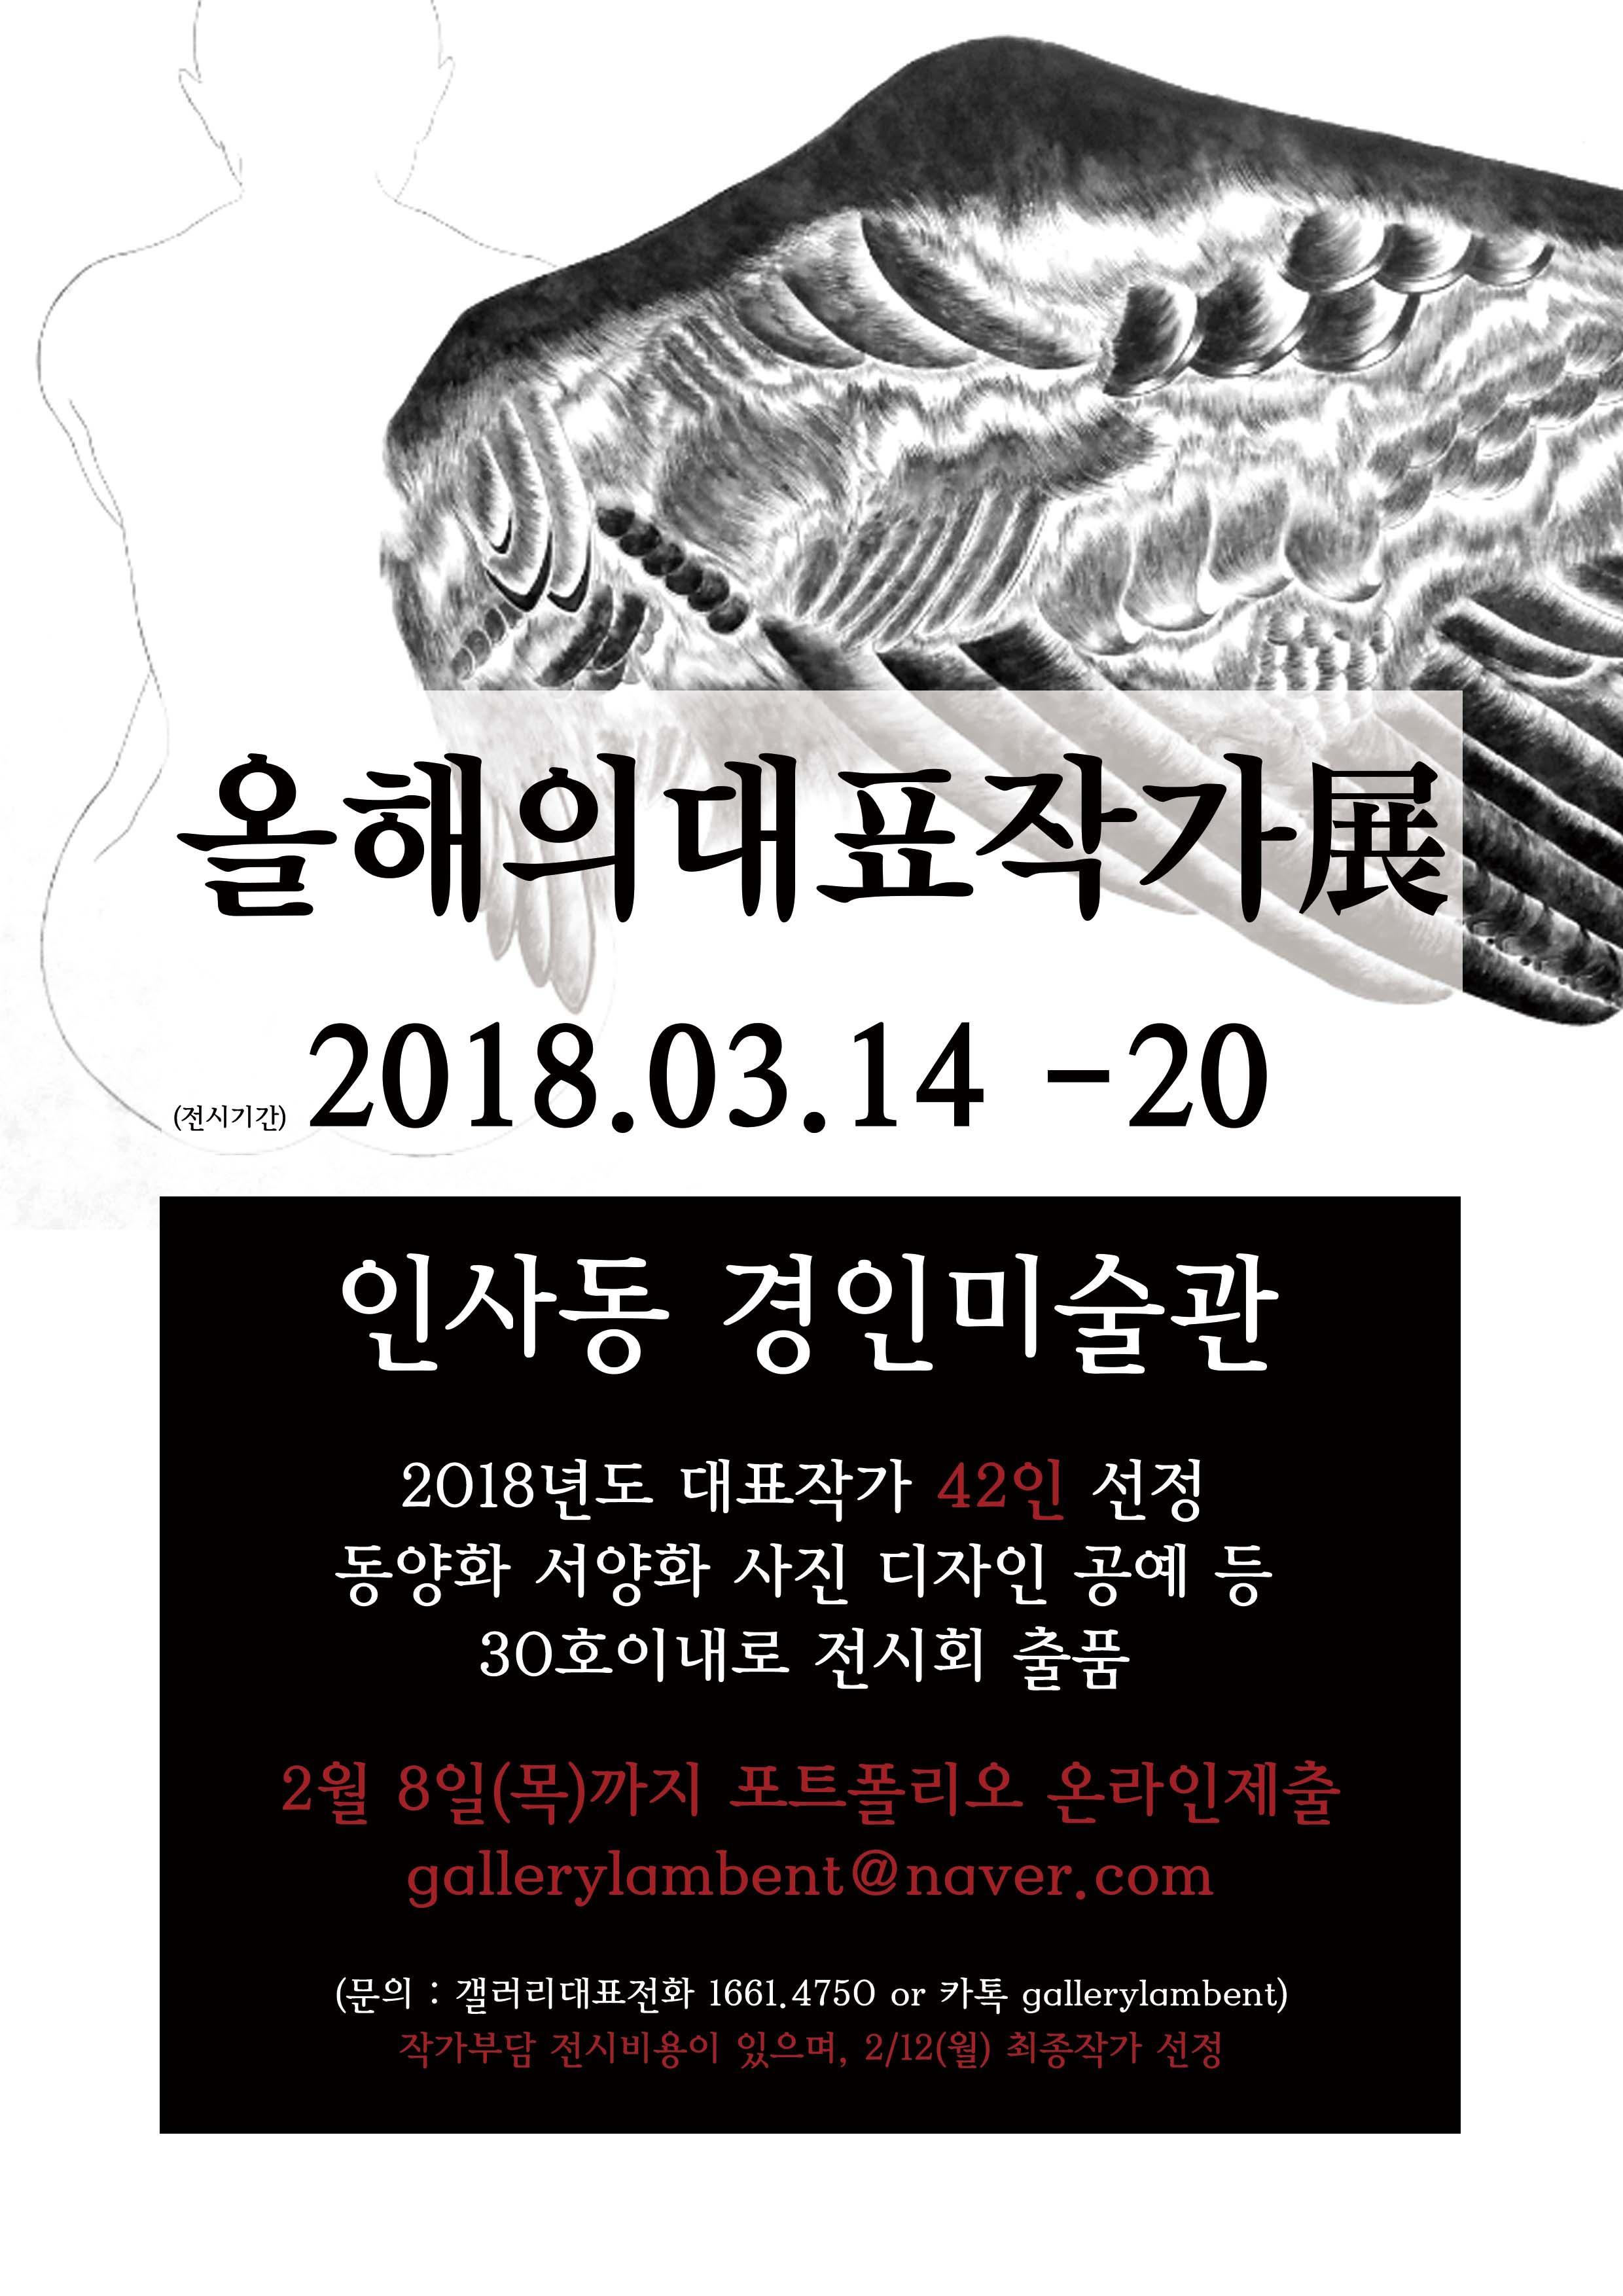 경인미술관 `올해의 대표작가展` 전시회 공모